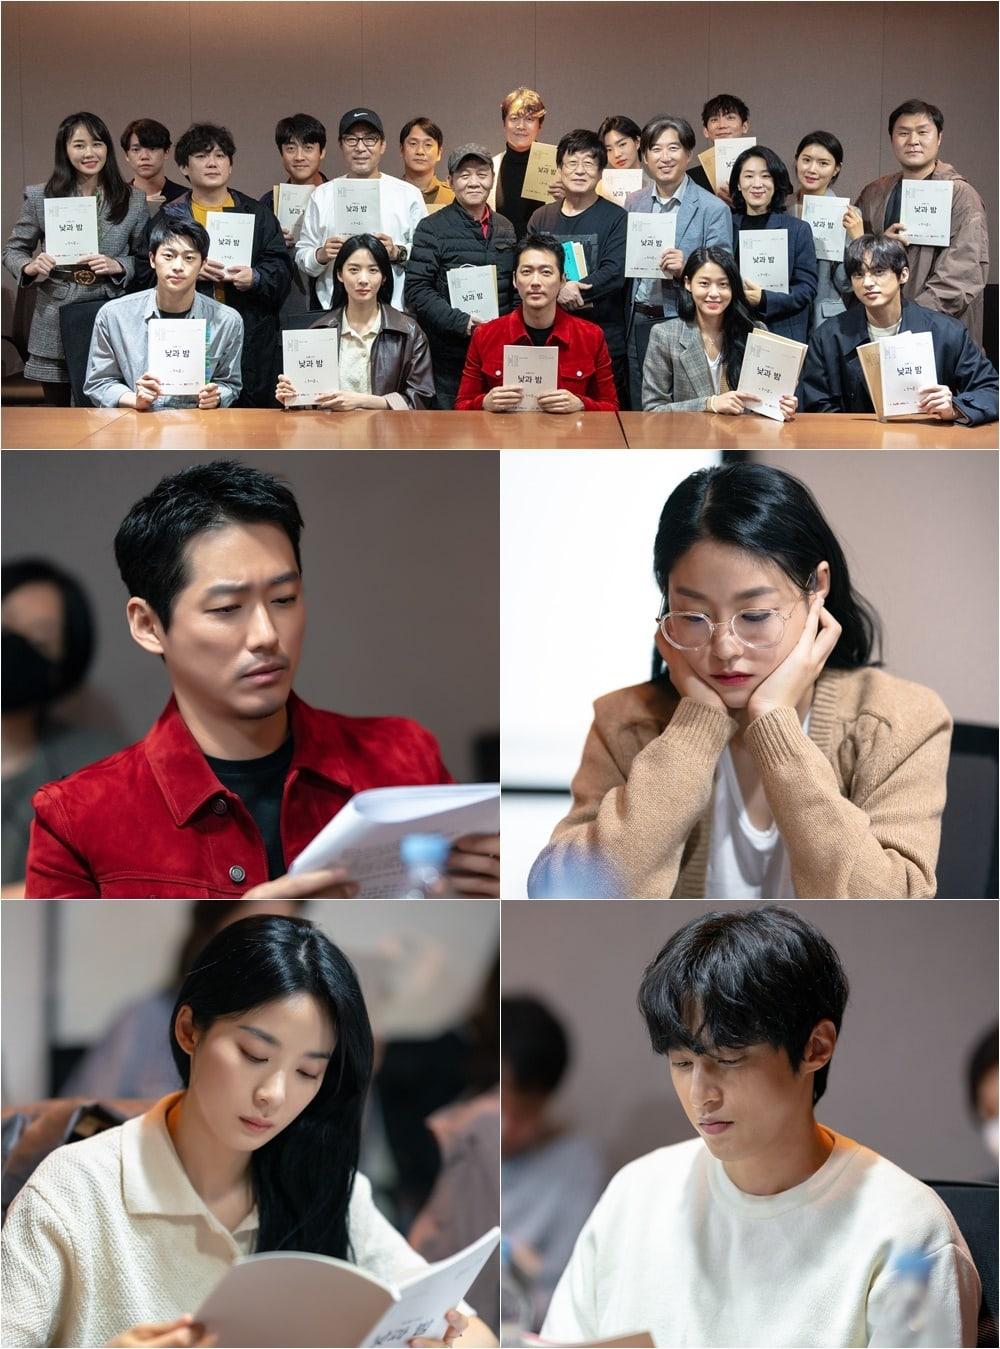 namgoong-min-seolhyun-lee-chung-ah-yoon-